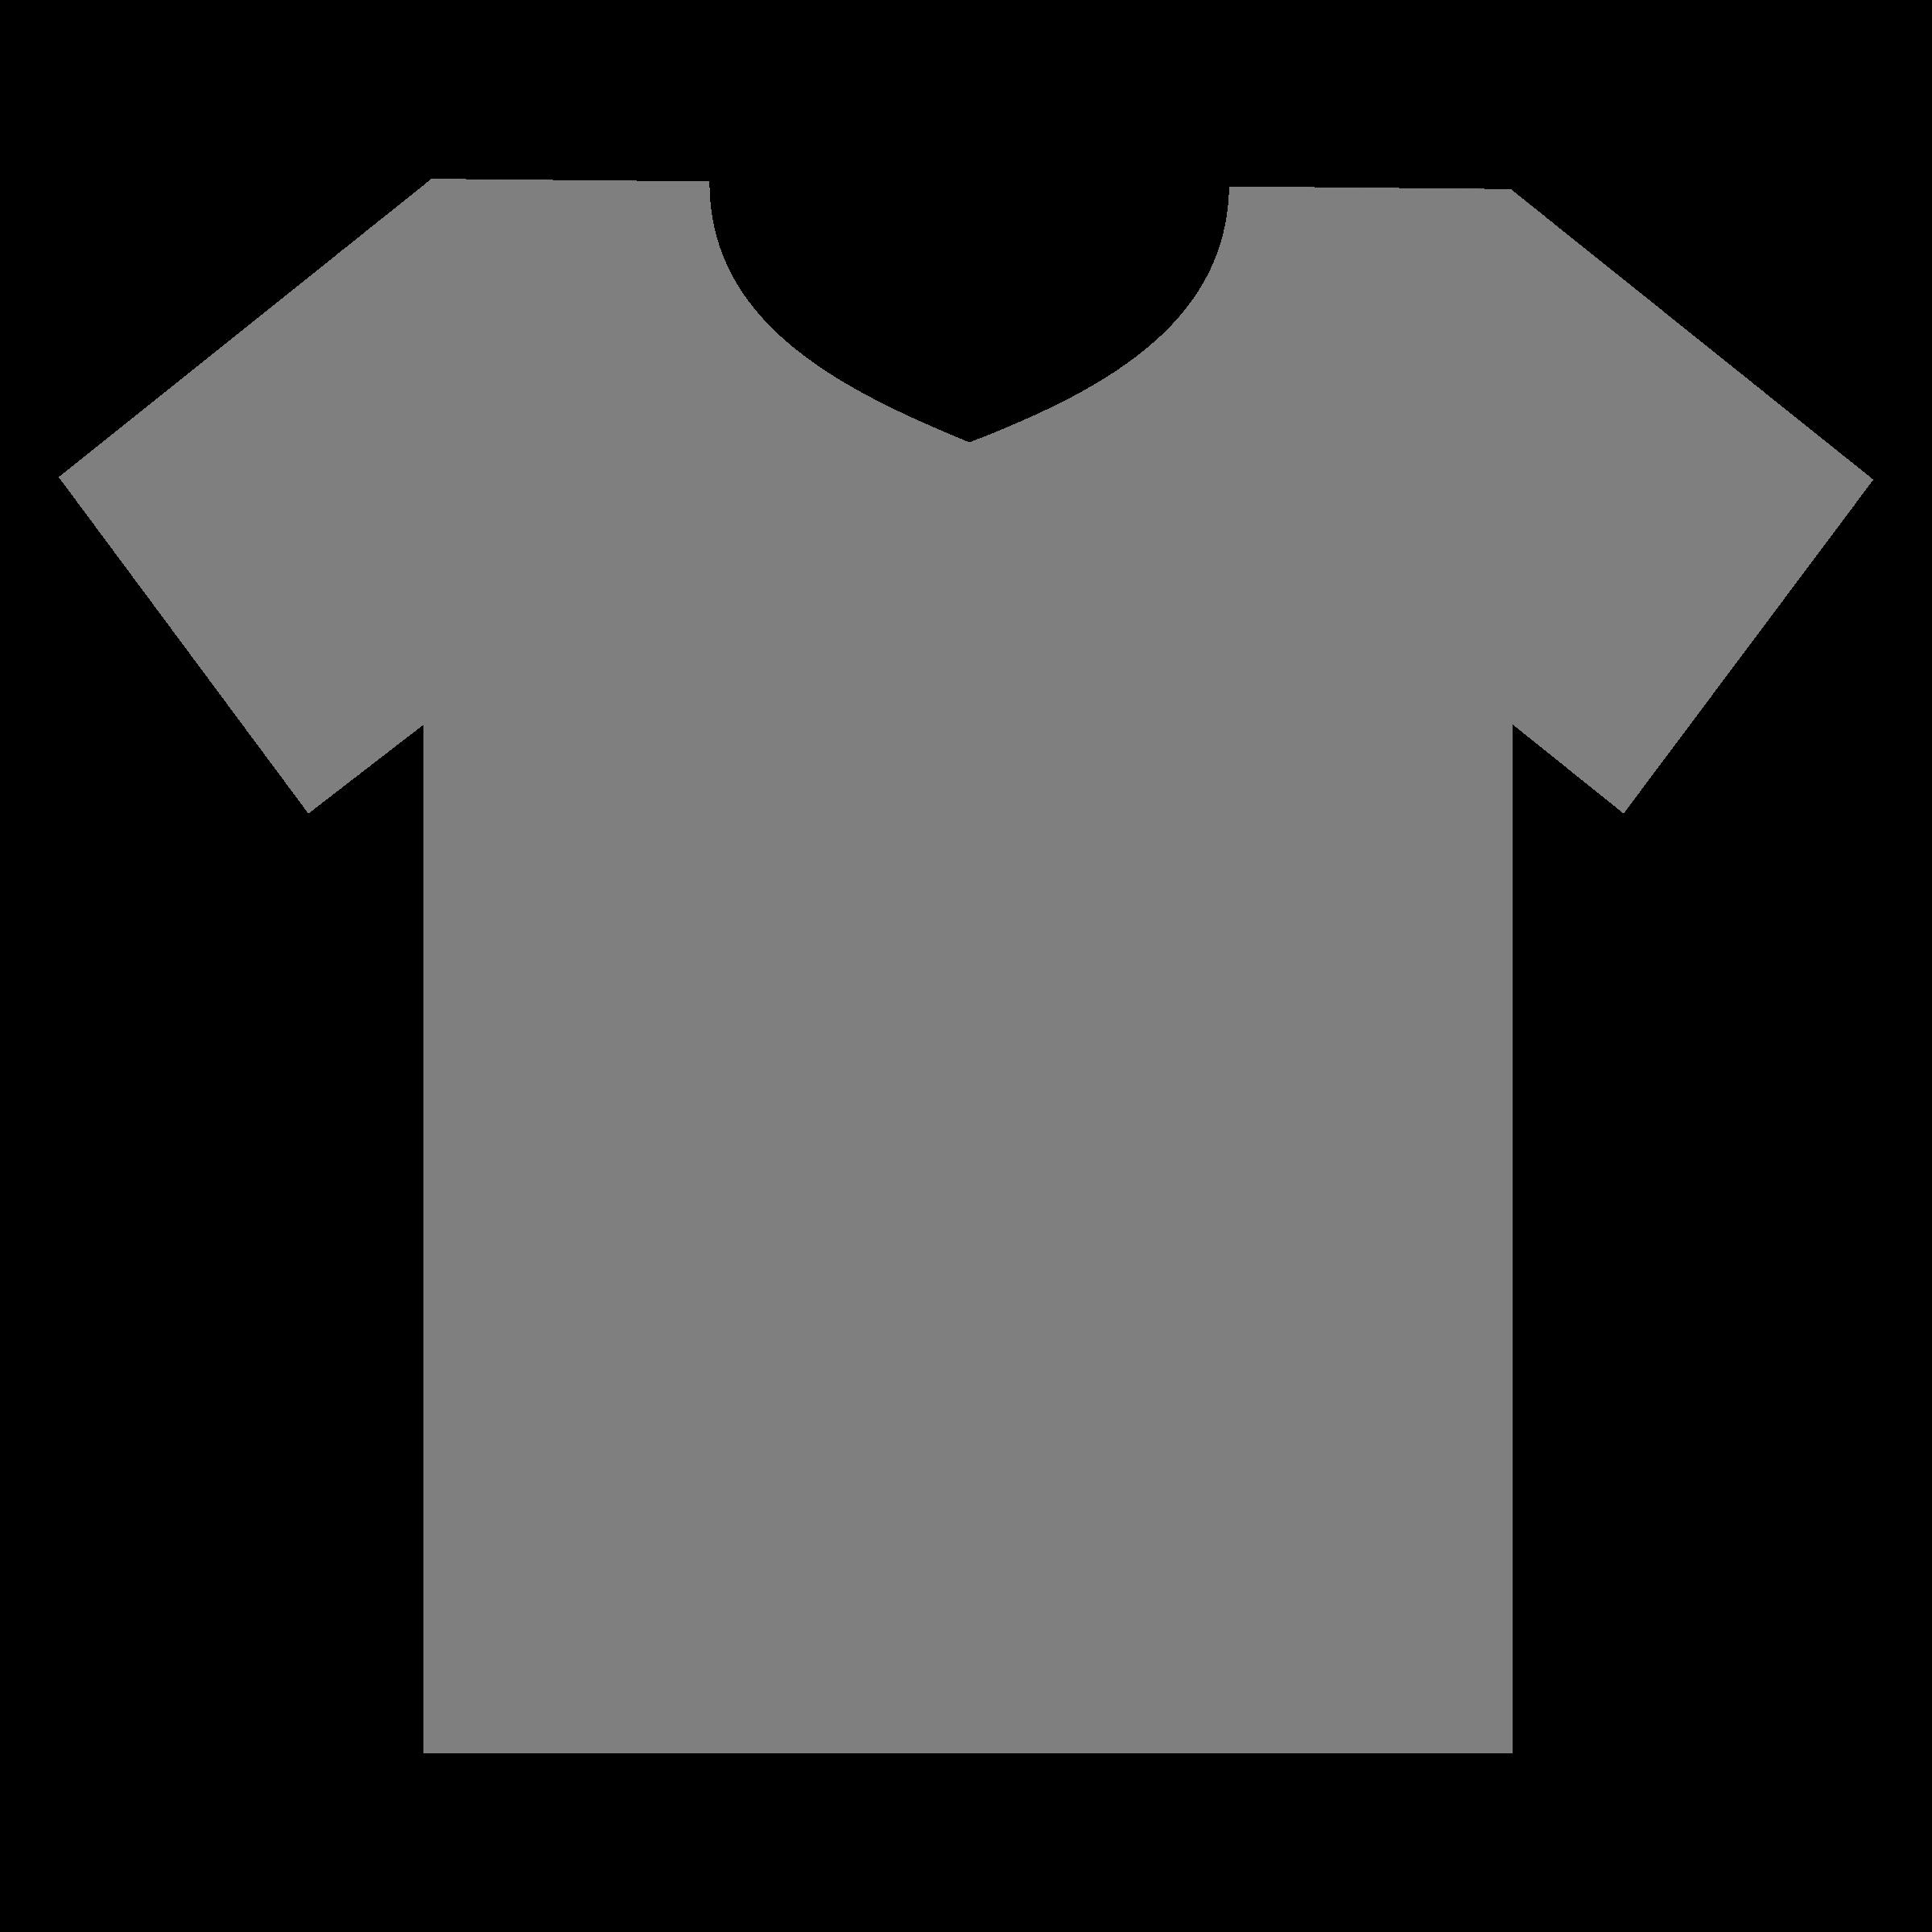 Shirt shirt outline